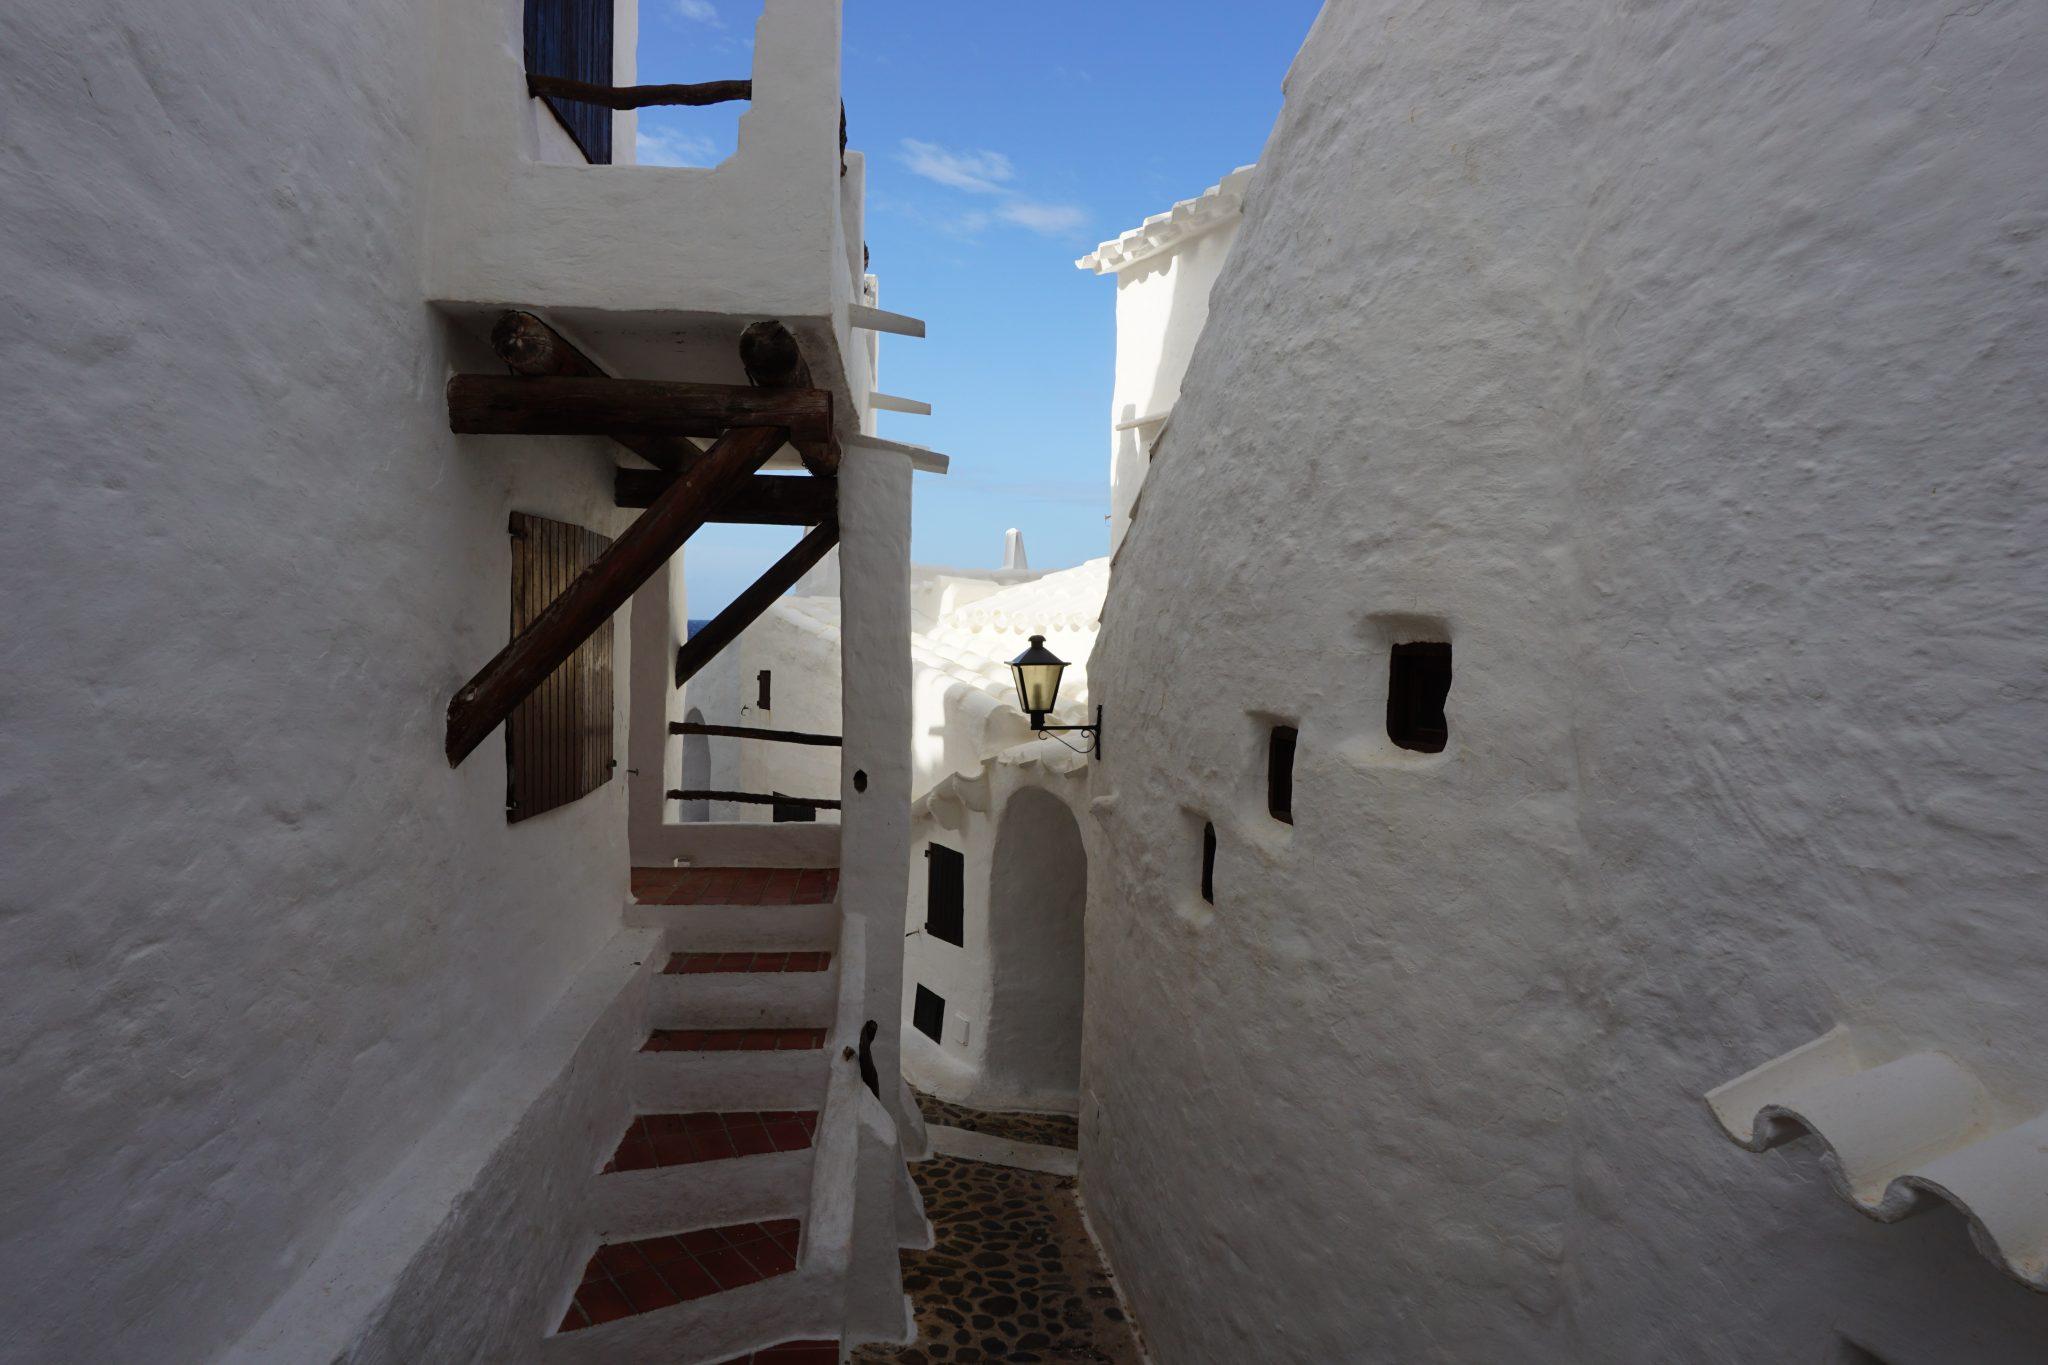 Qué Ver En Menorca 10 Lugares Que No Puedes Perderte